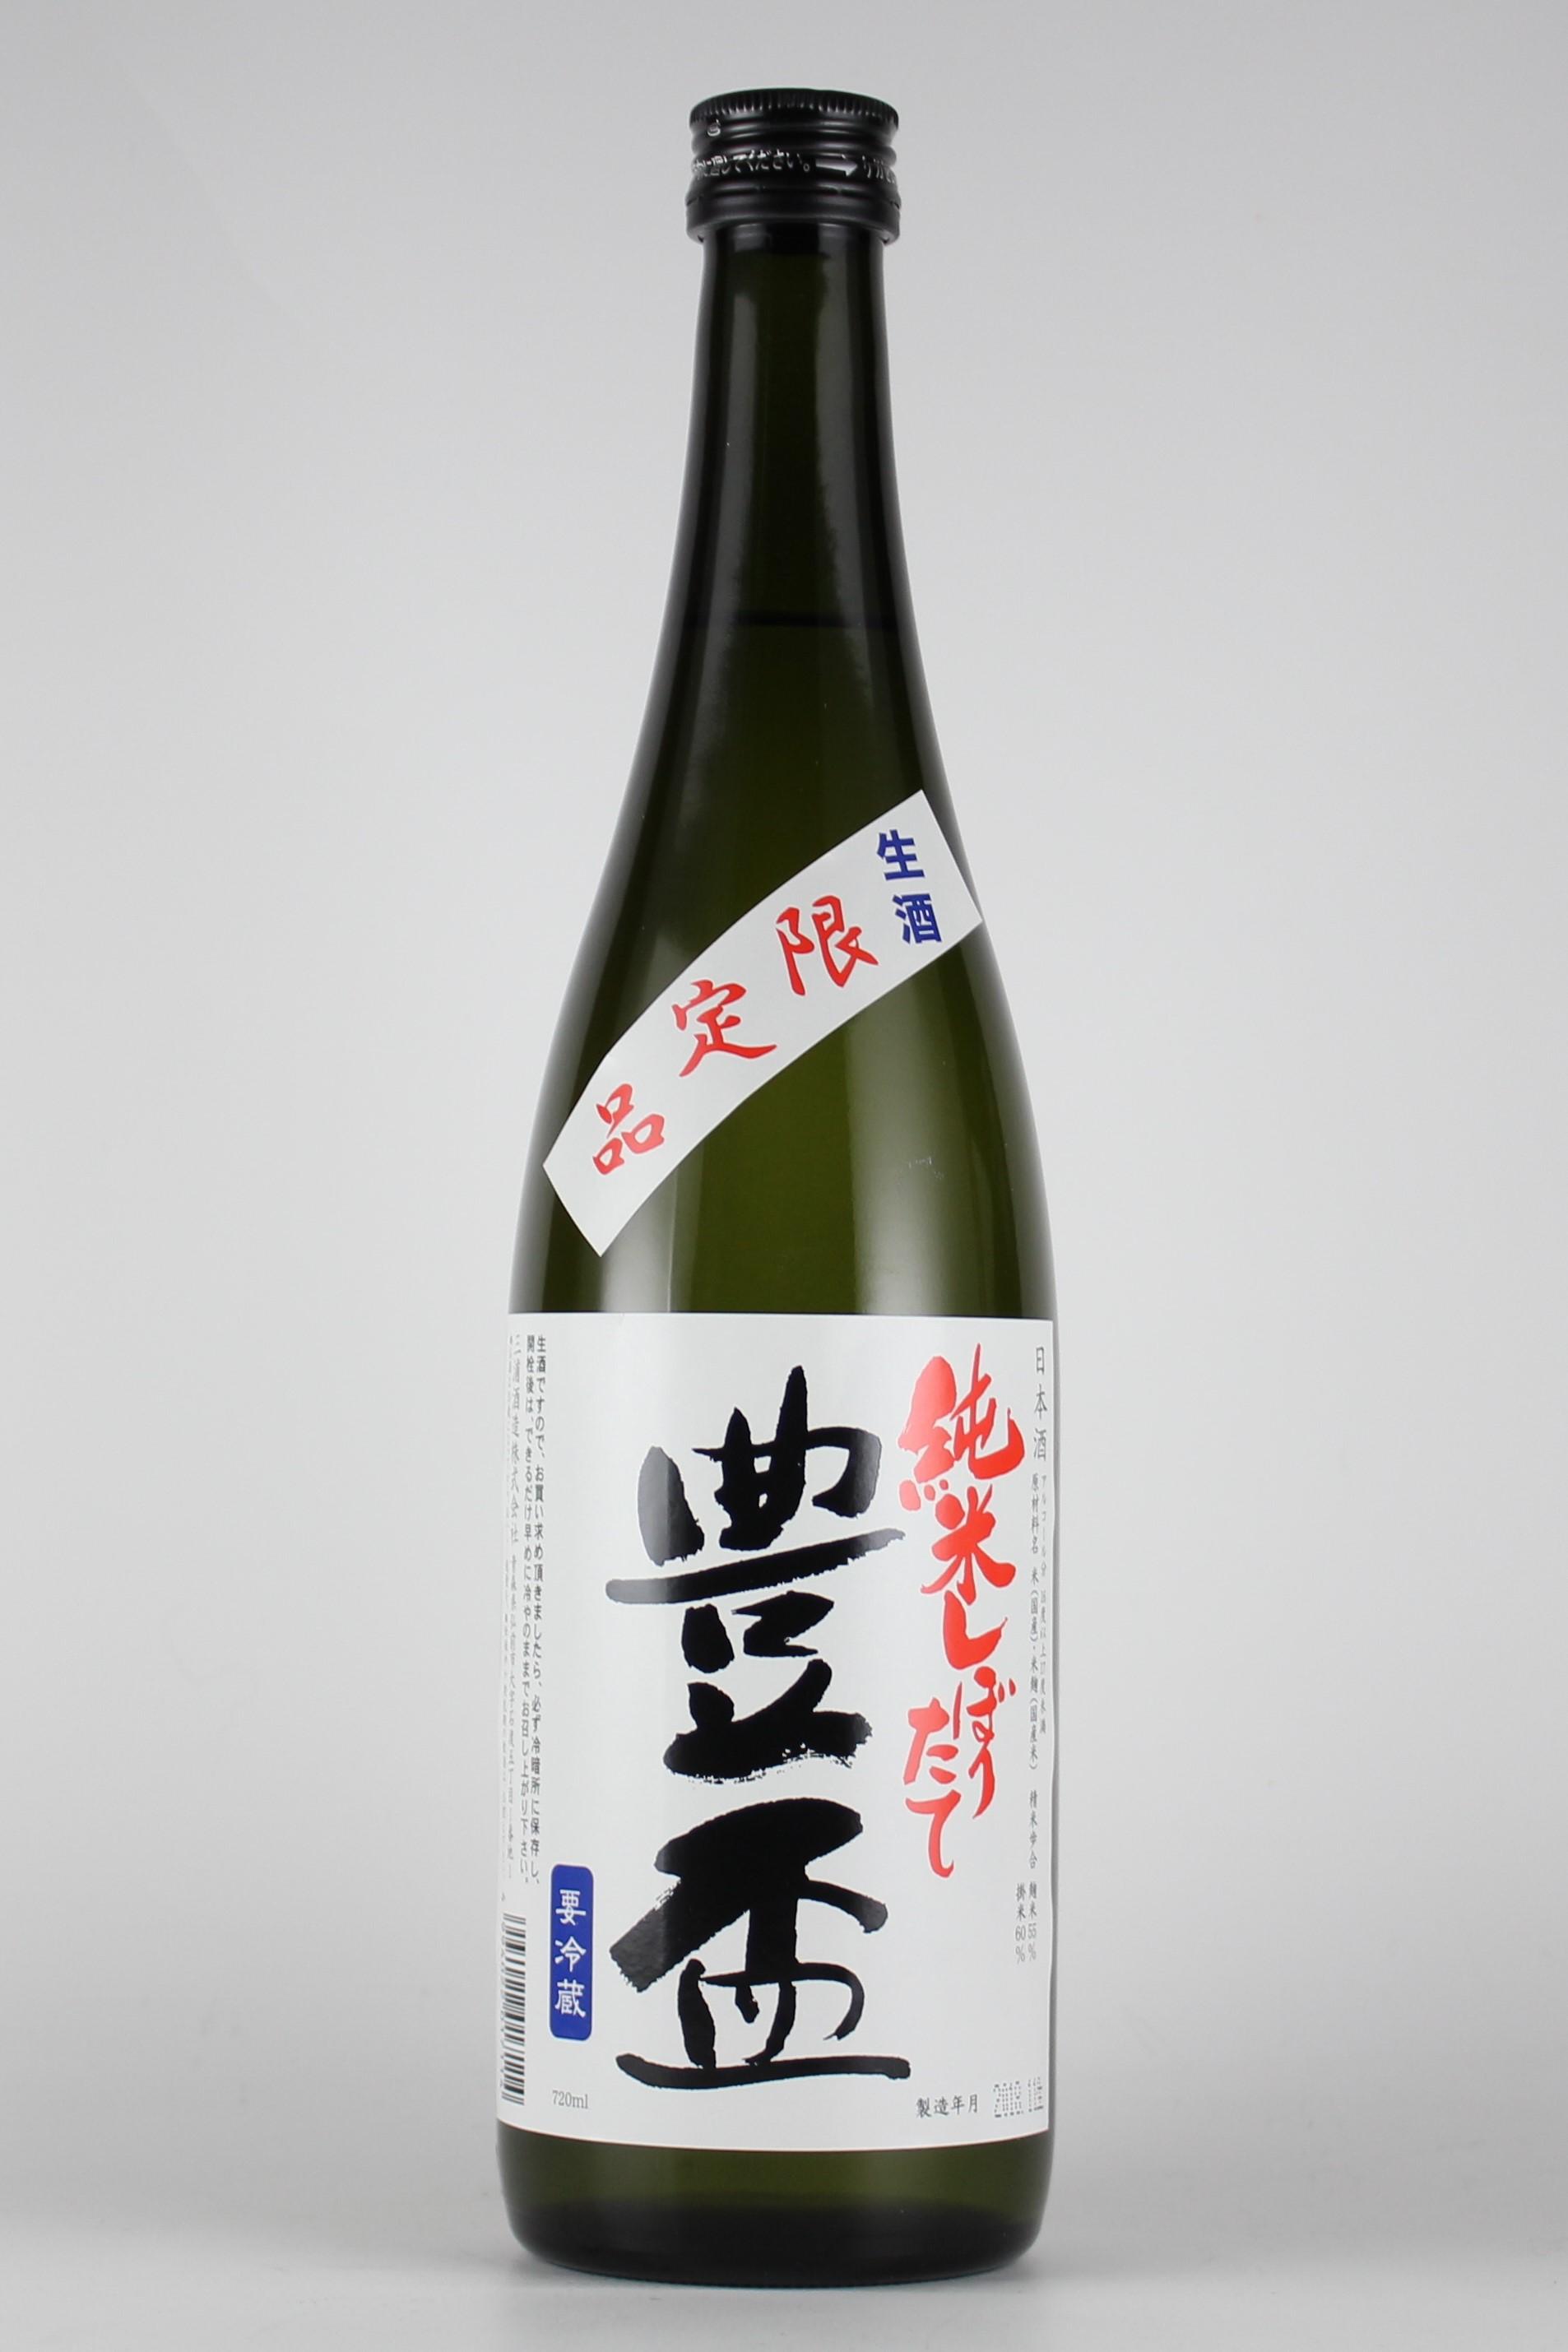 豊盃2019 純米しぼりたて無濾過生原酒 720ml 【青森/三浦酒造】